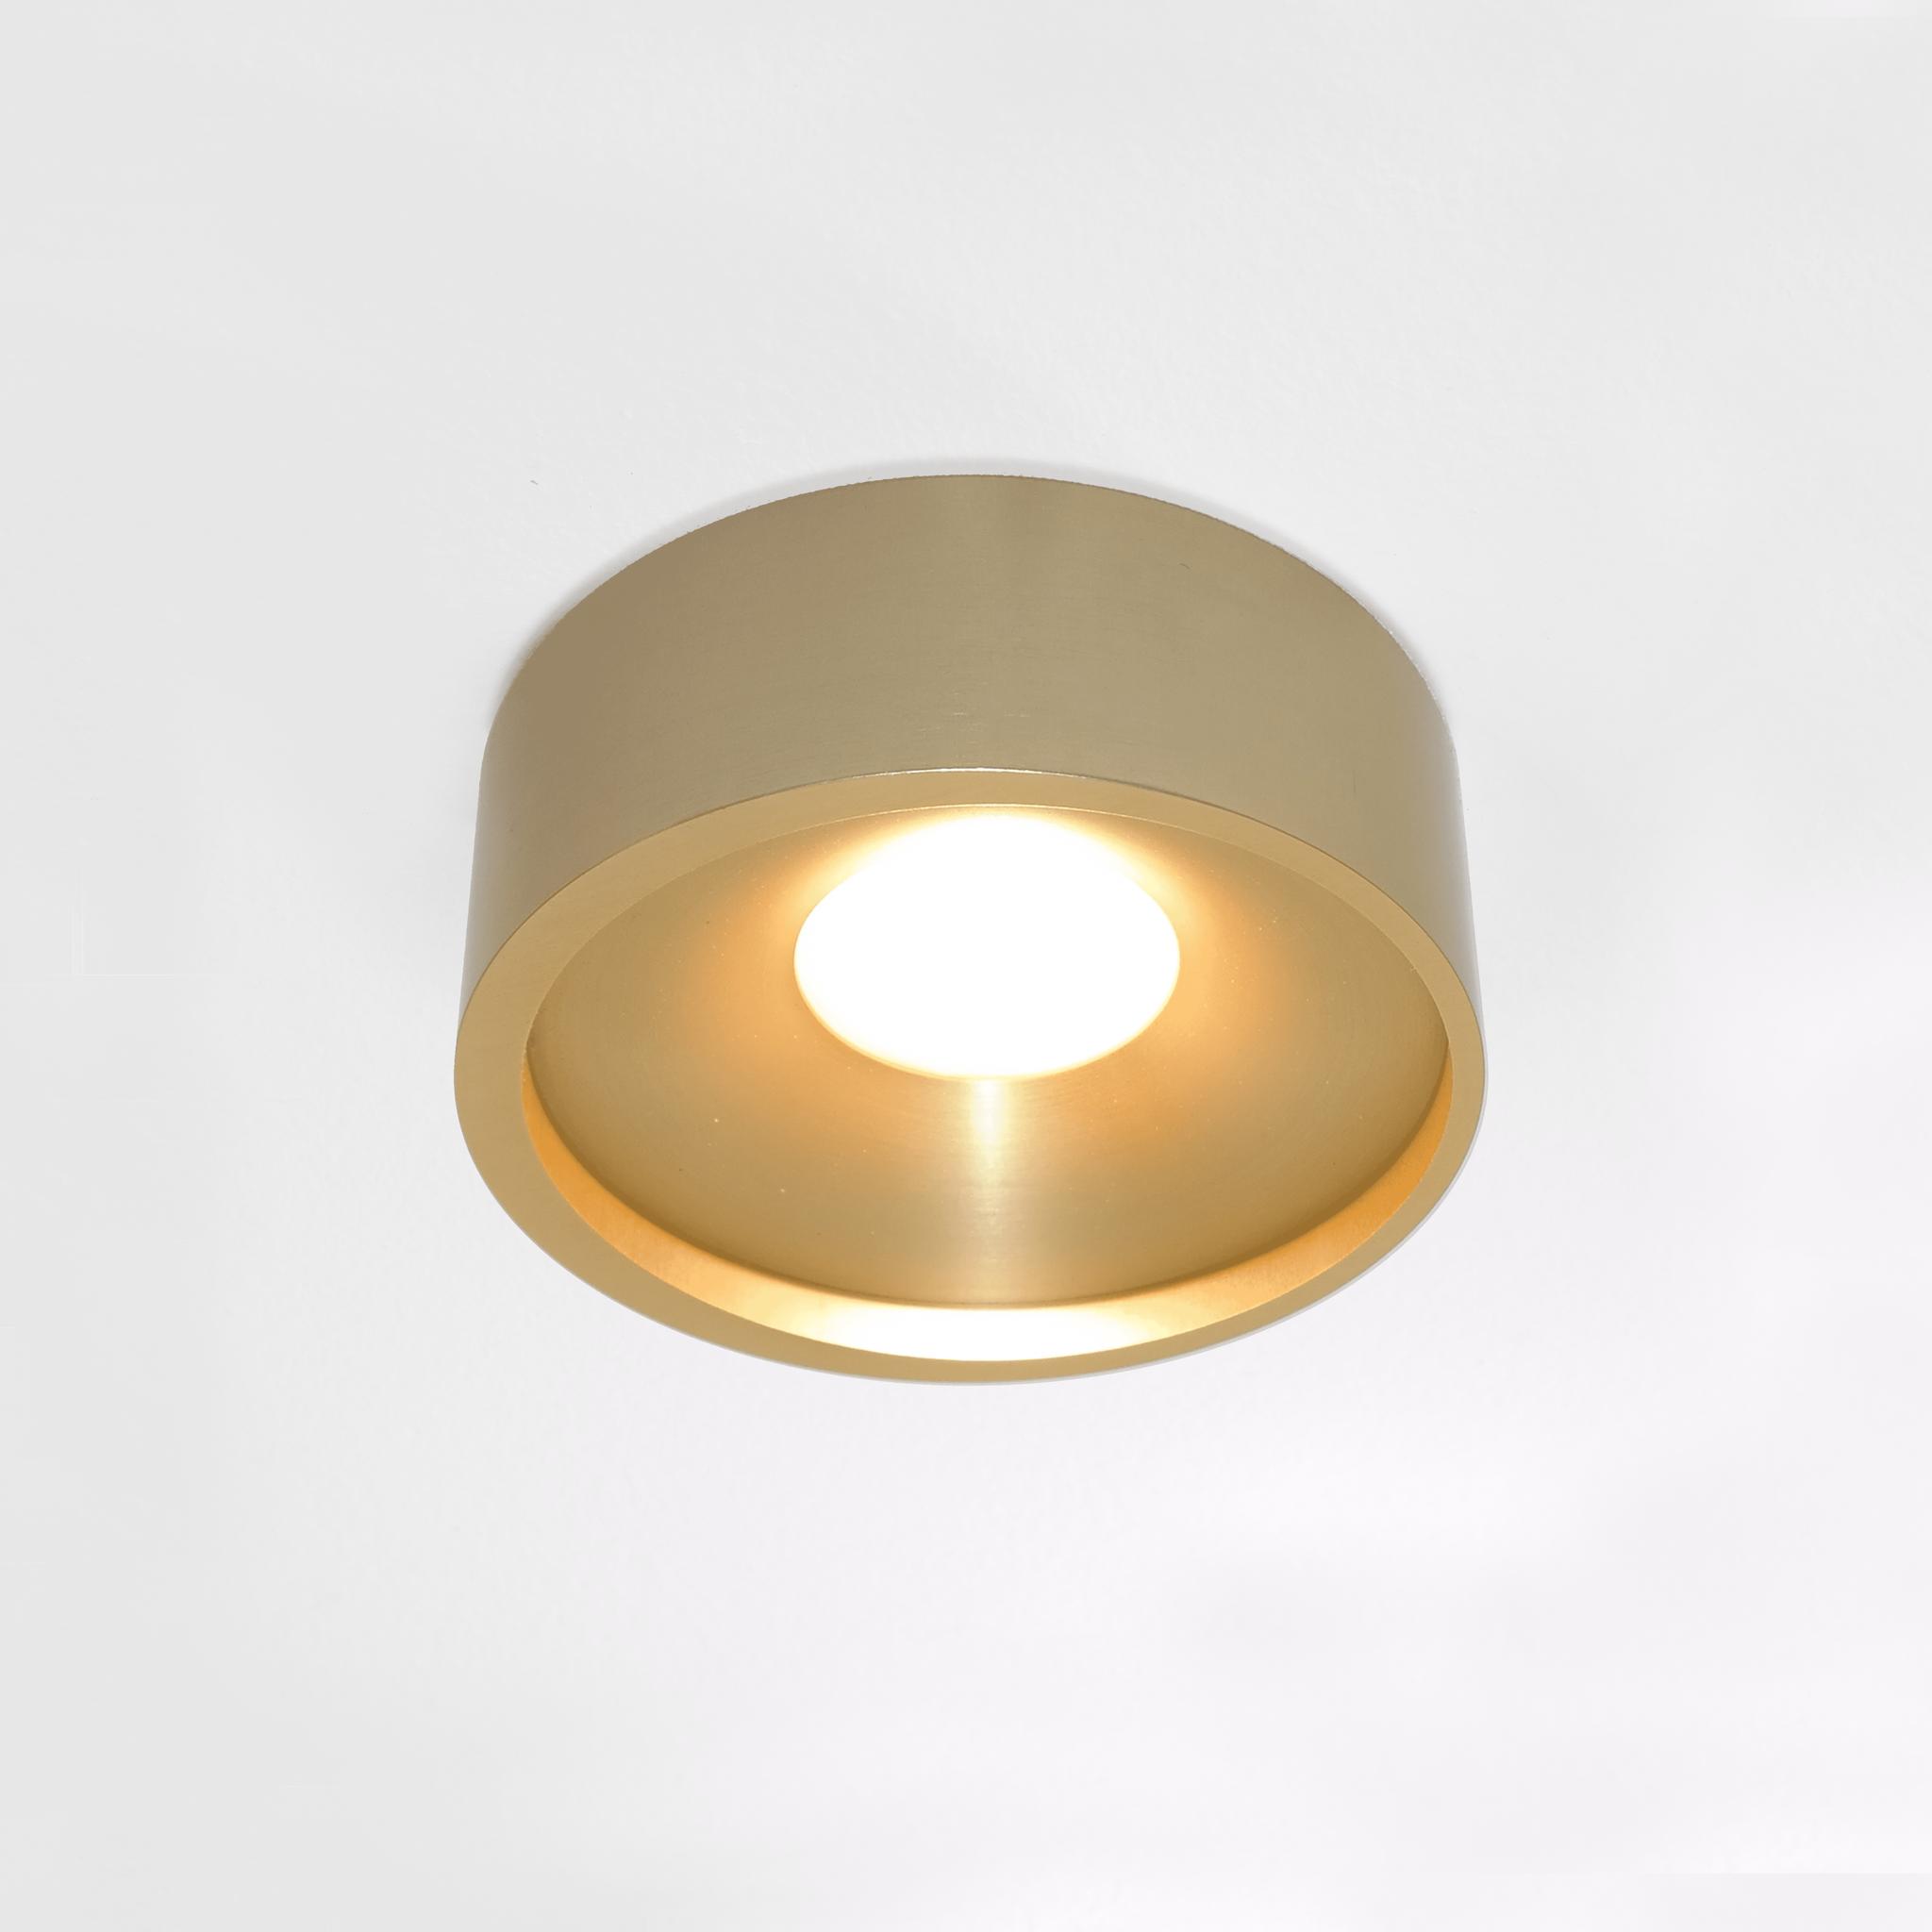 Artdelight Plafondlamp Orlando Ø 14 cm mat mat goud